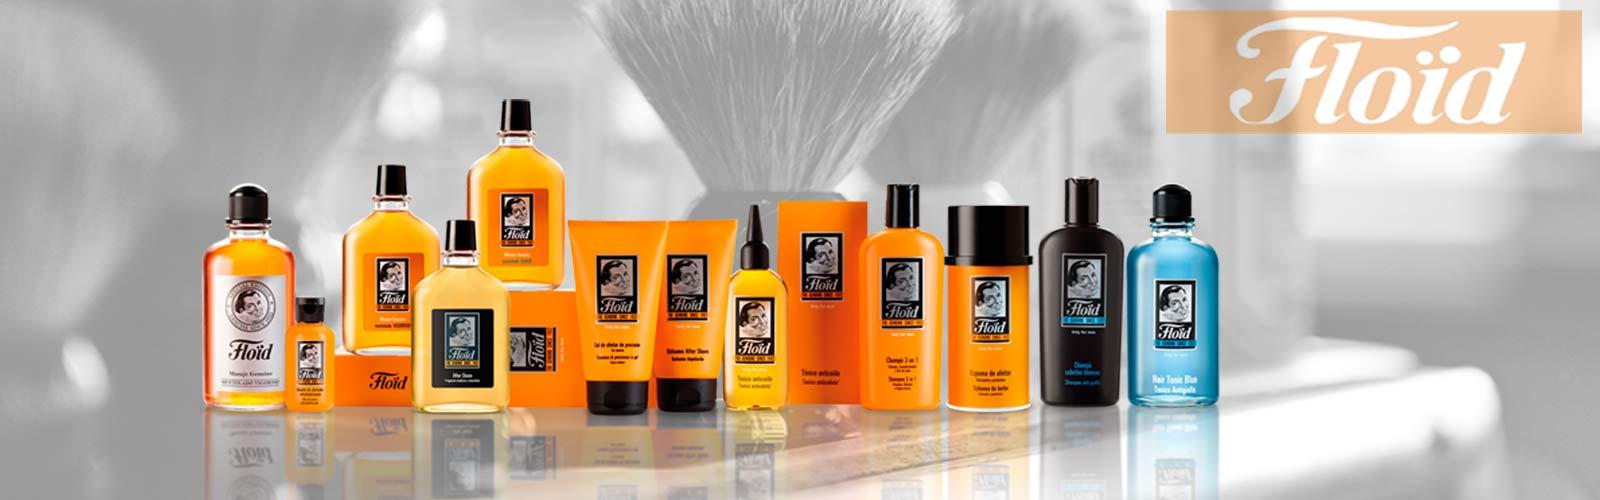 floid prodotti per barba